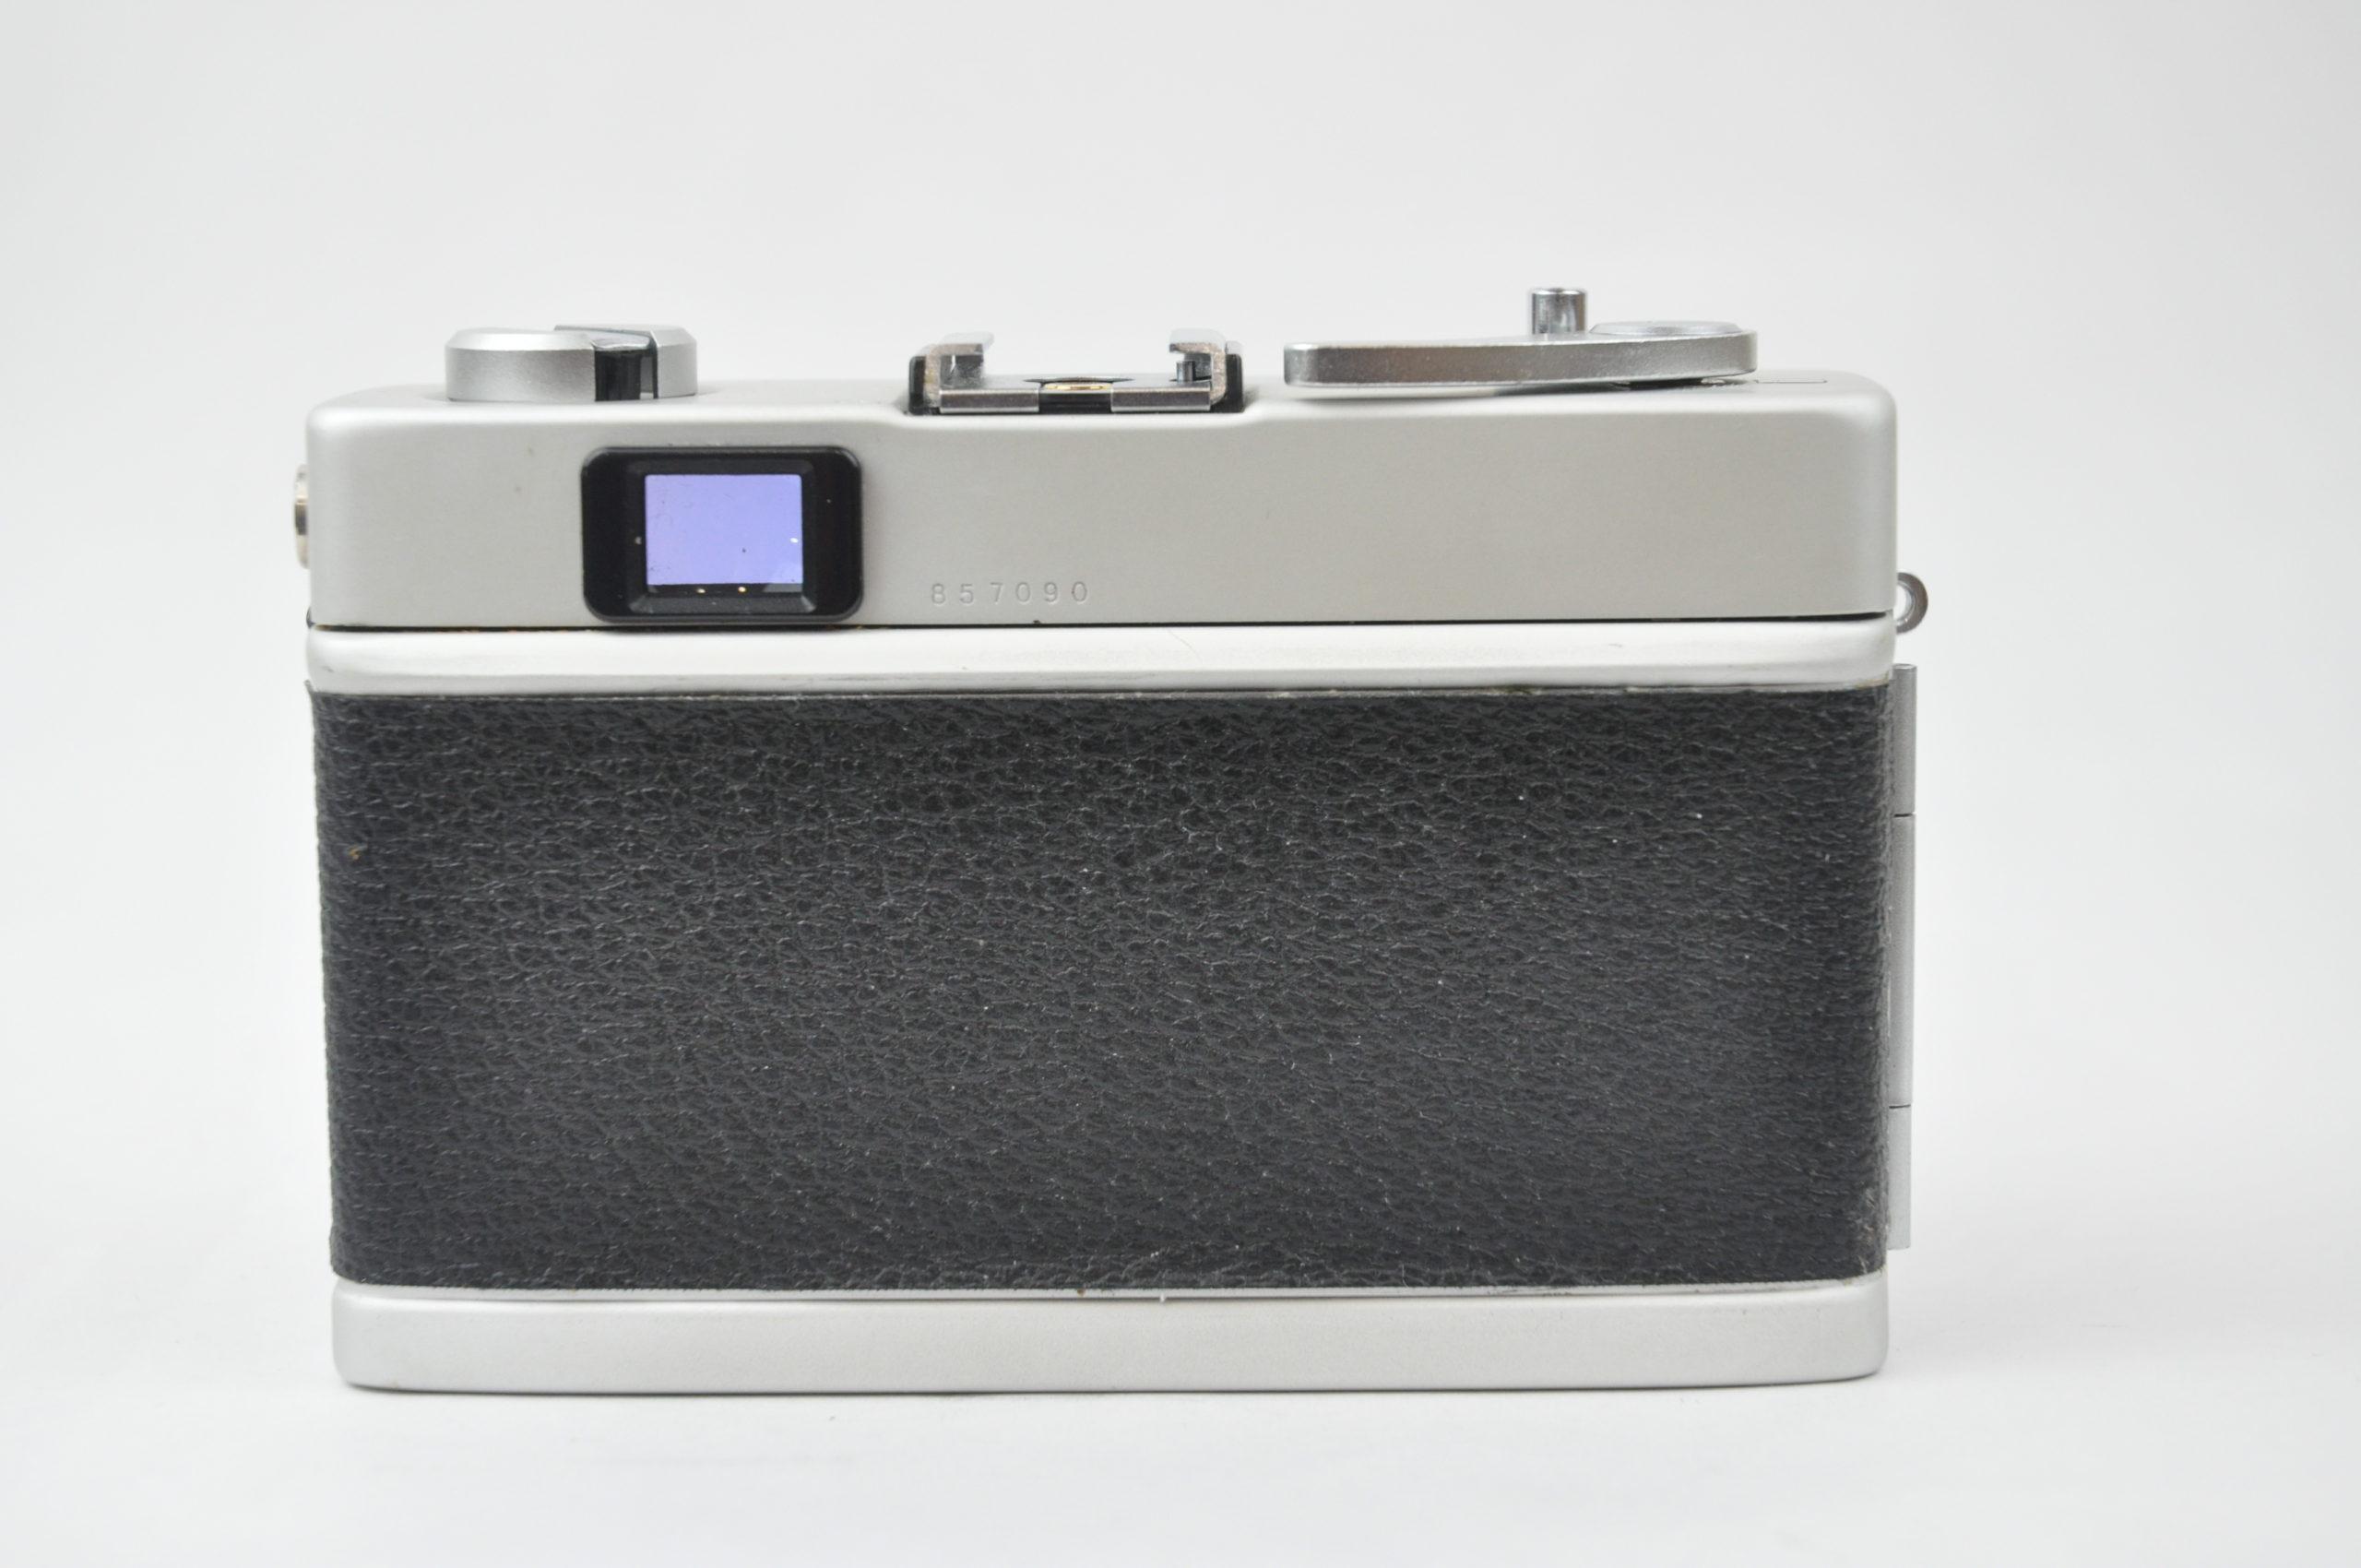 Konica C35 flash matic